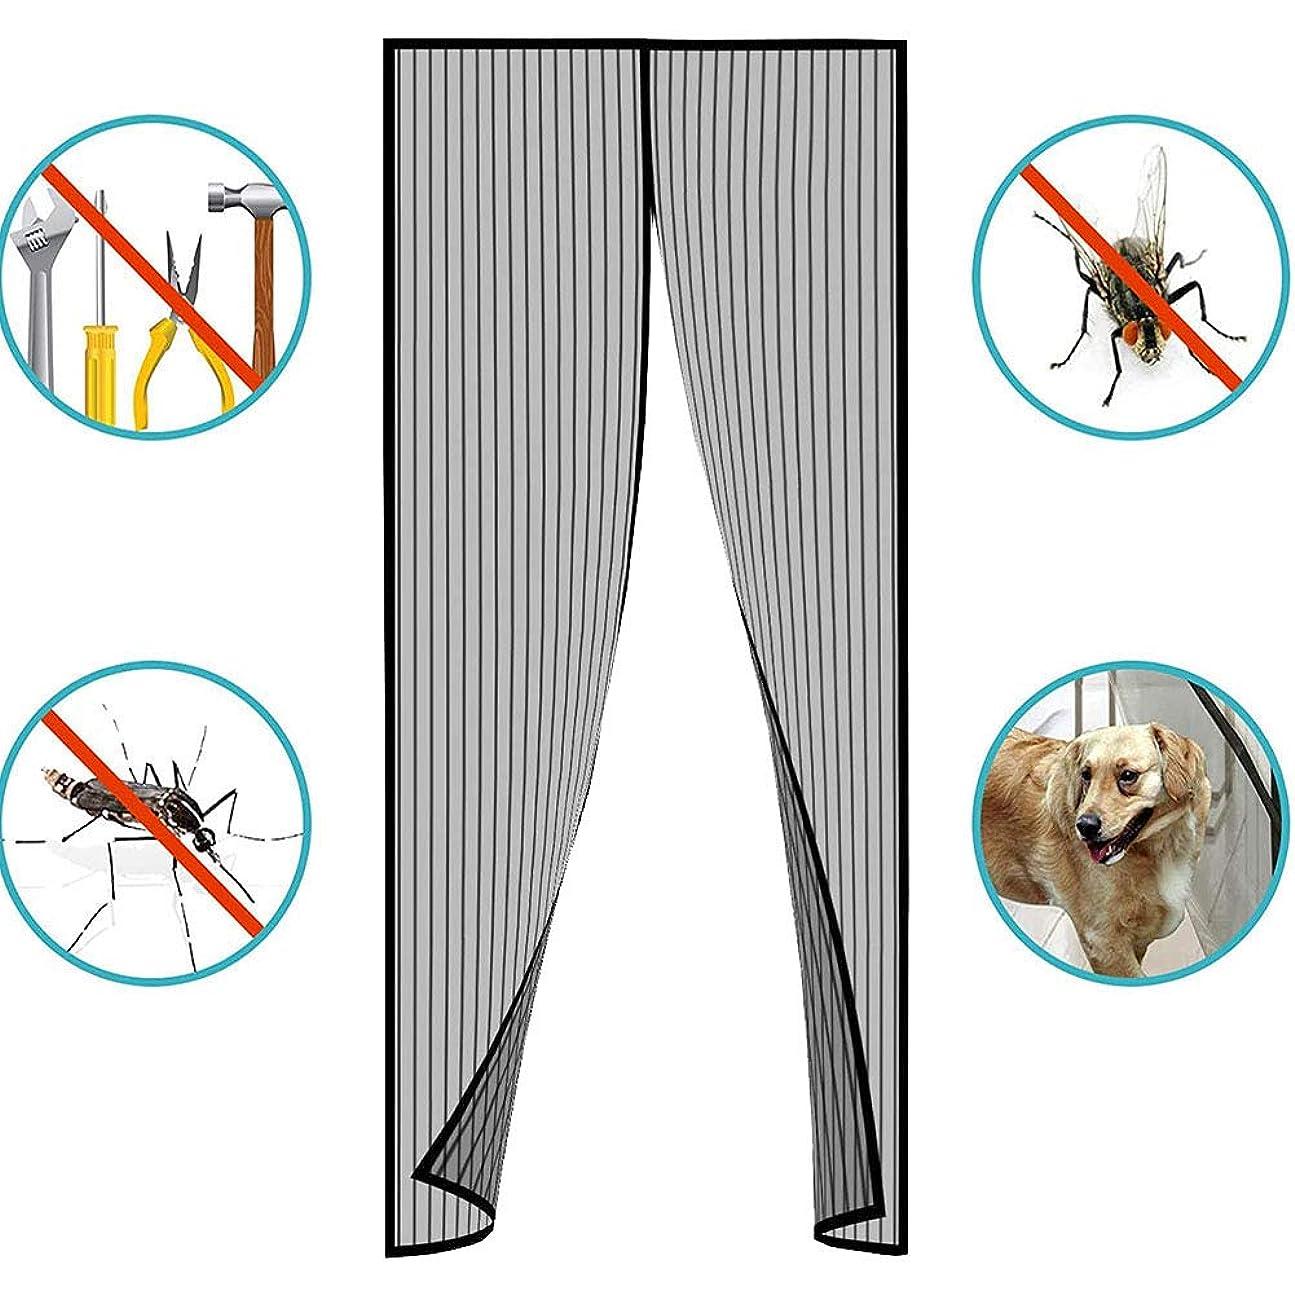 慣れるワックスコンドーム網戸 マグネット,自動式磁気 で閉まる 蚊取り 虫よけ ドアカーテン,取付簡単,適用 ドア/ベランダ/玄関/子供部屋/屋内でも, 黒